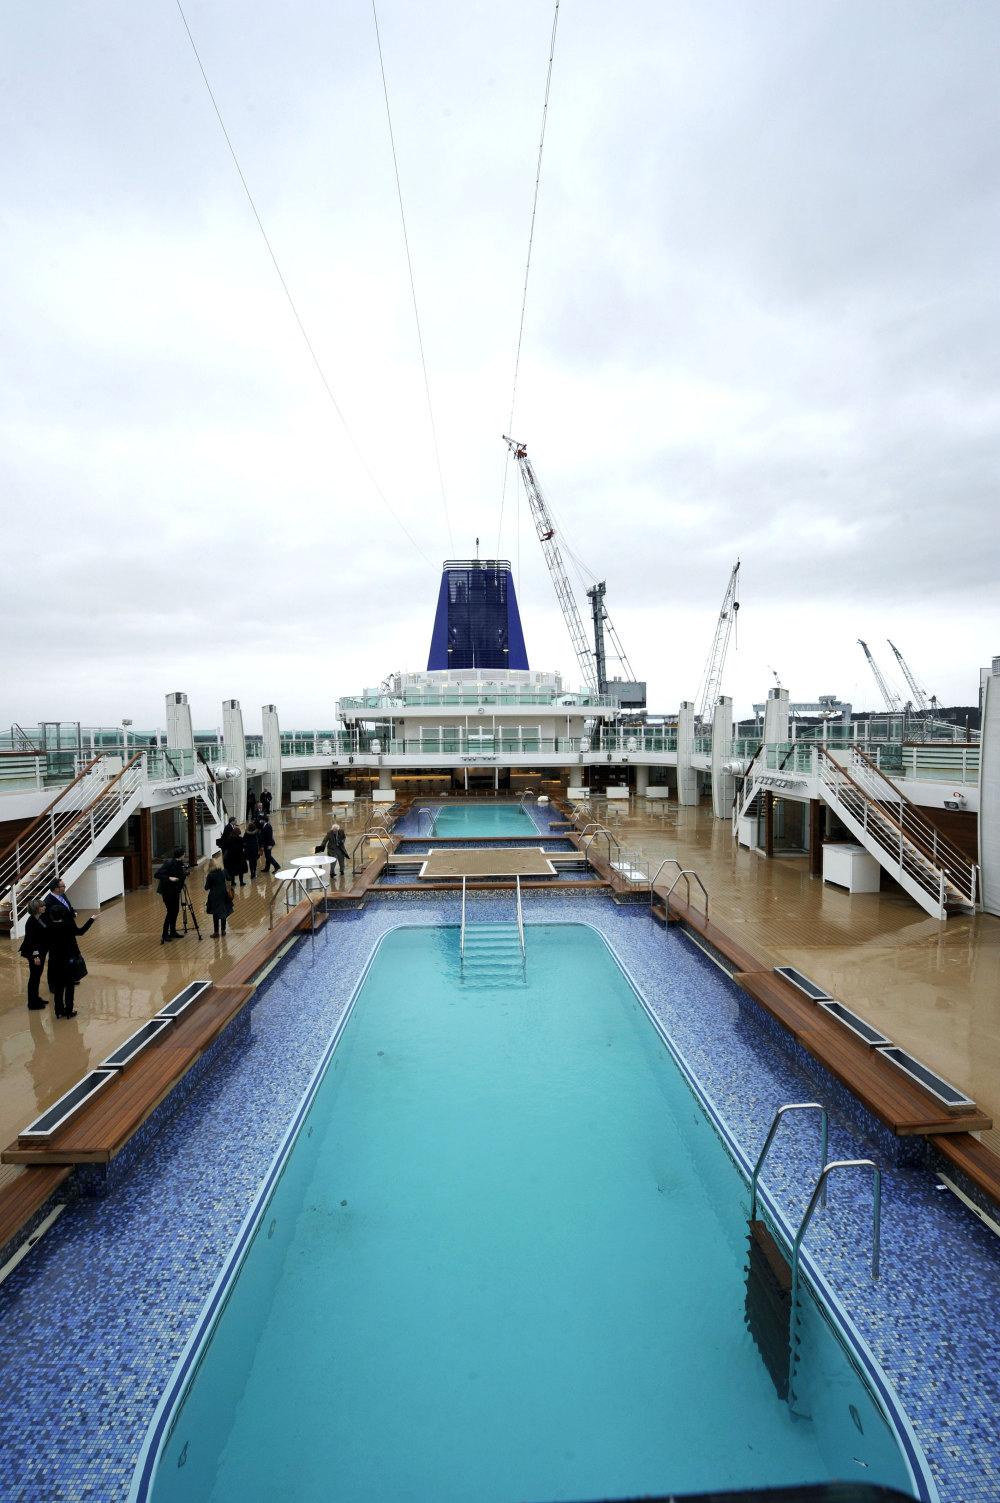 Britannia's Pools